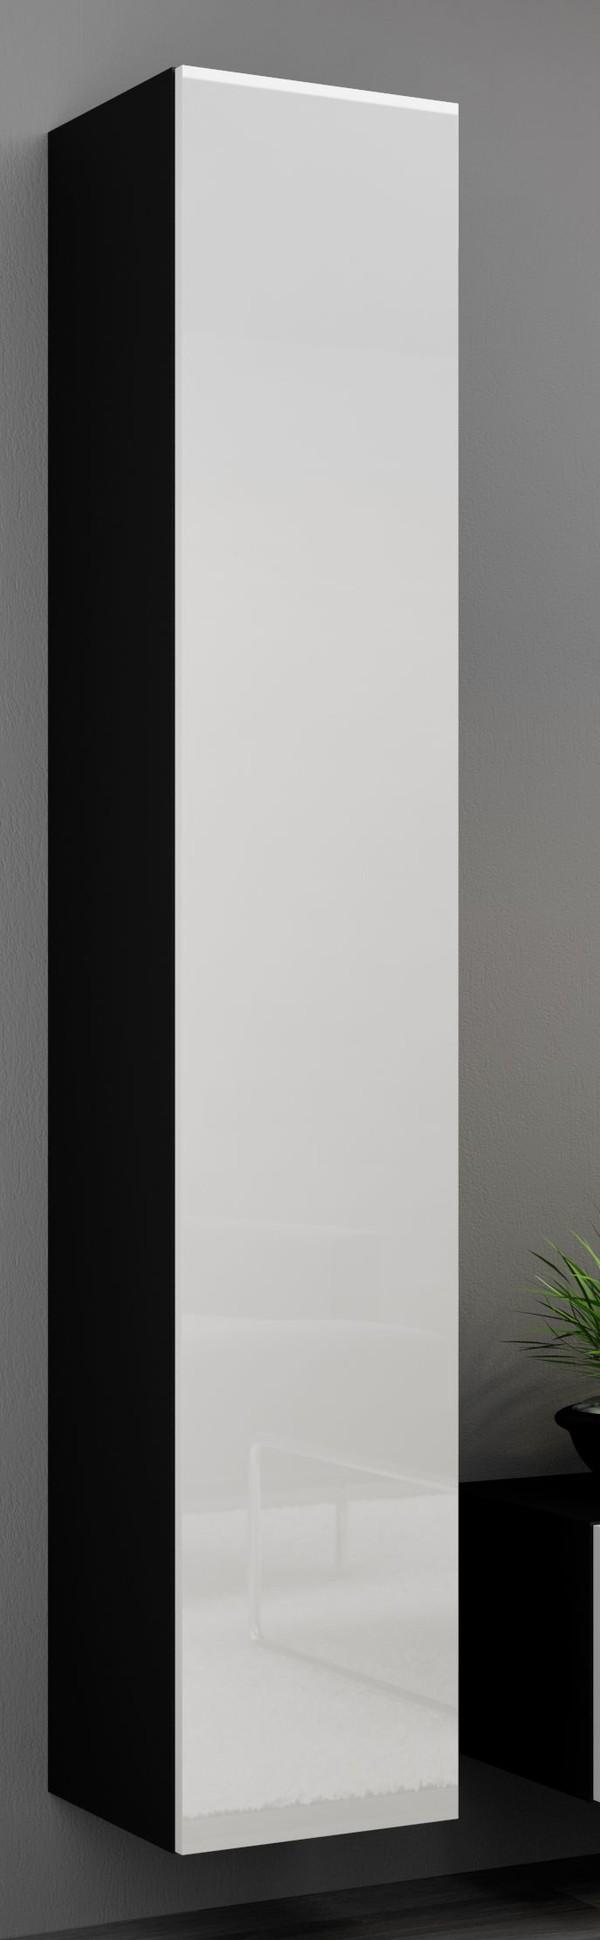 Korpuss: Melns. Fasāde: Balts pulēts